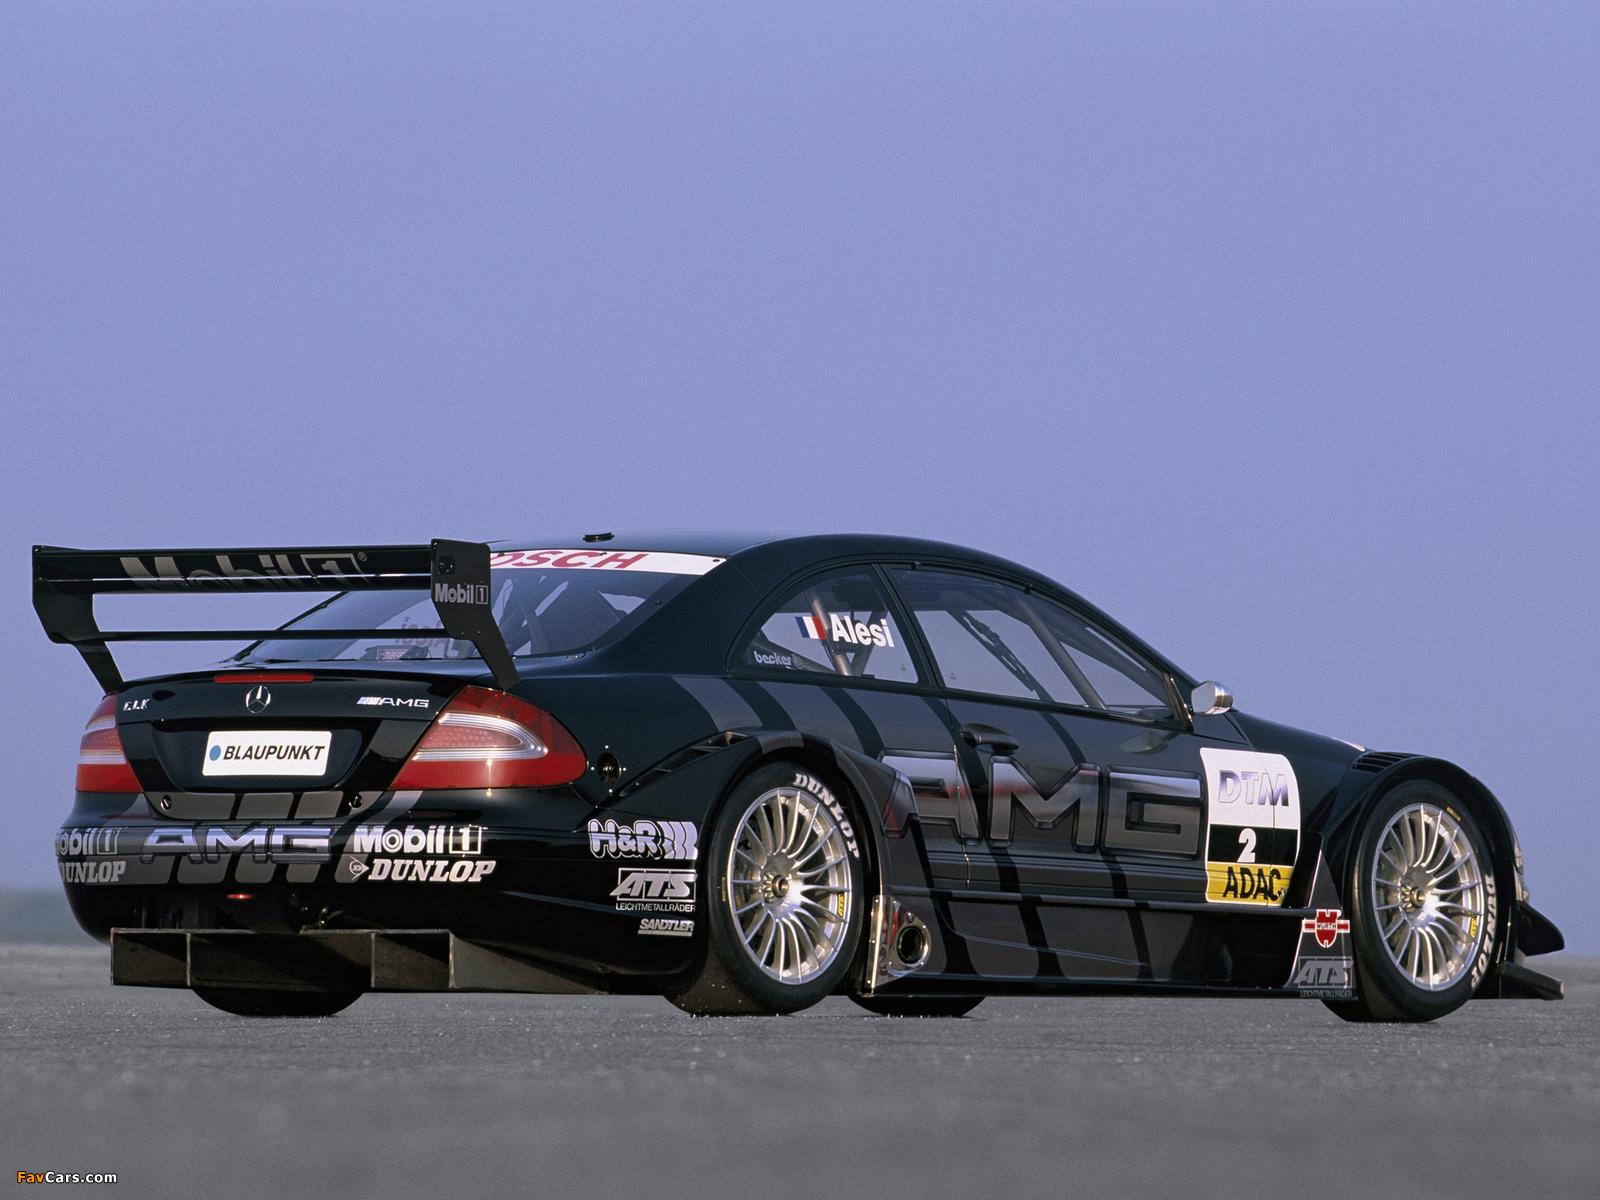 Mercedes-Benz CLK 55 AMG DTM (C209) 2003 photos (1600 x 1200)